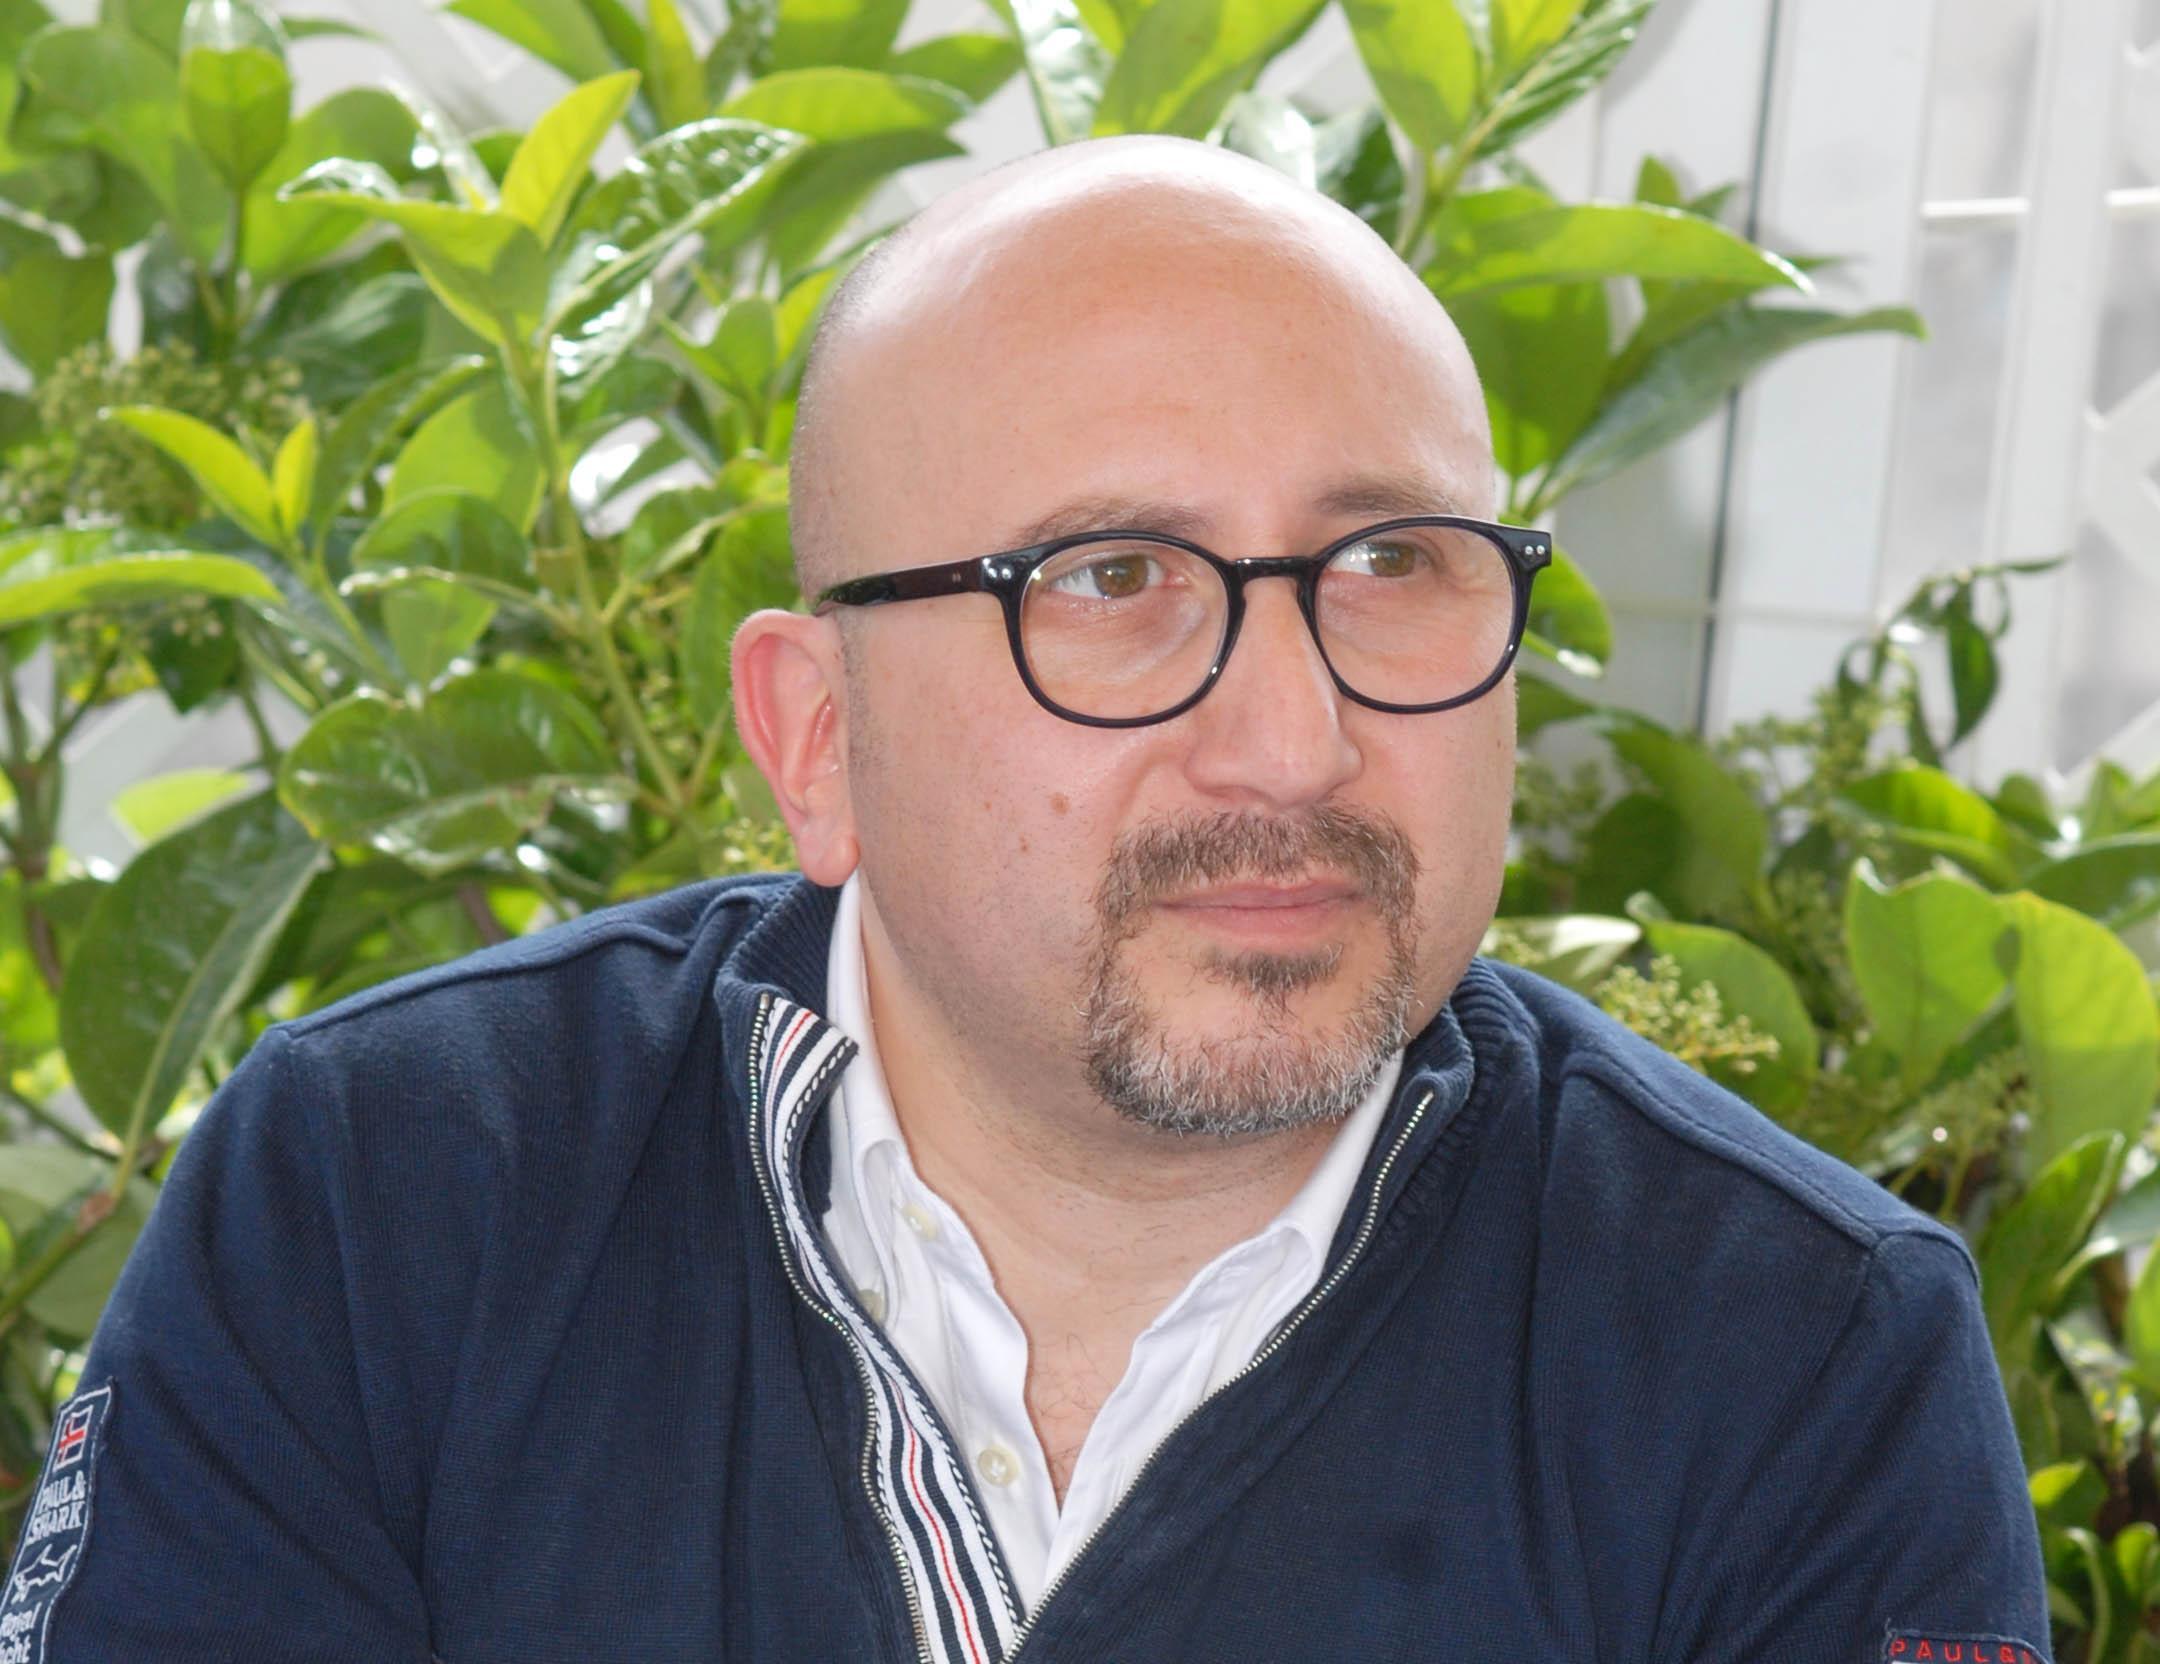 Gianluca Lomastro